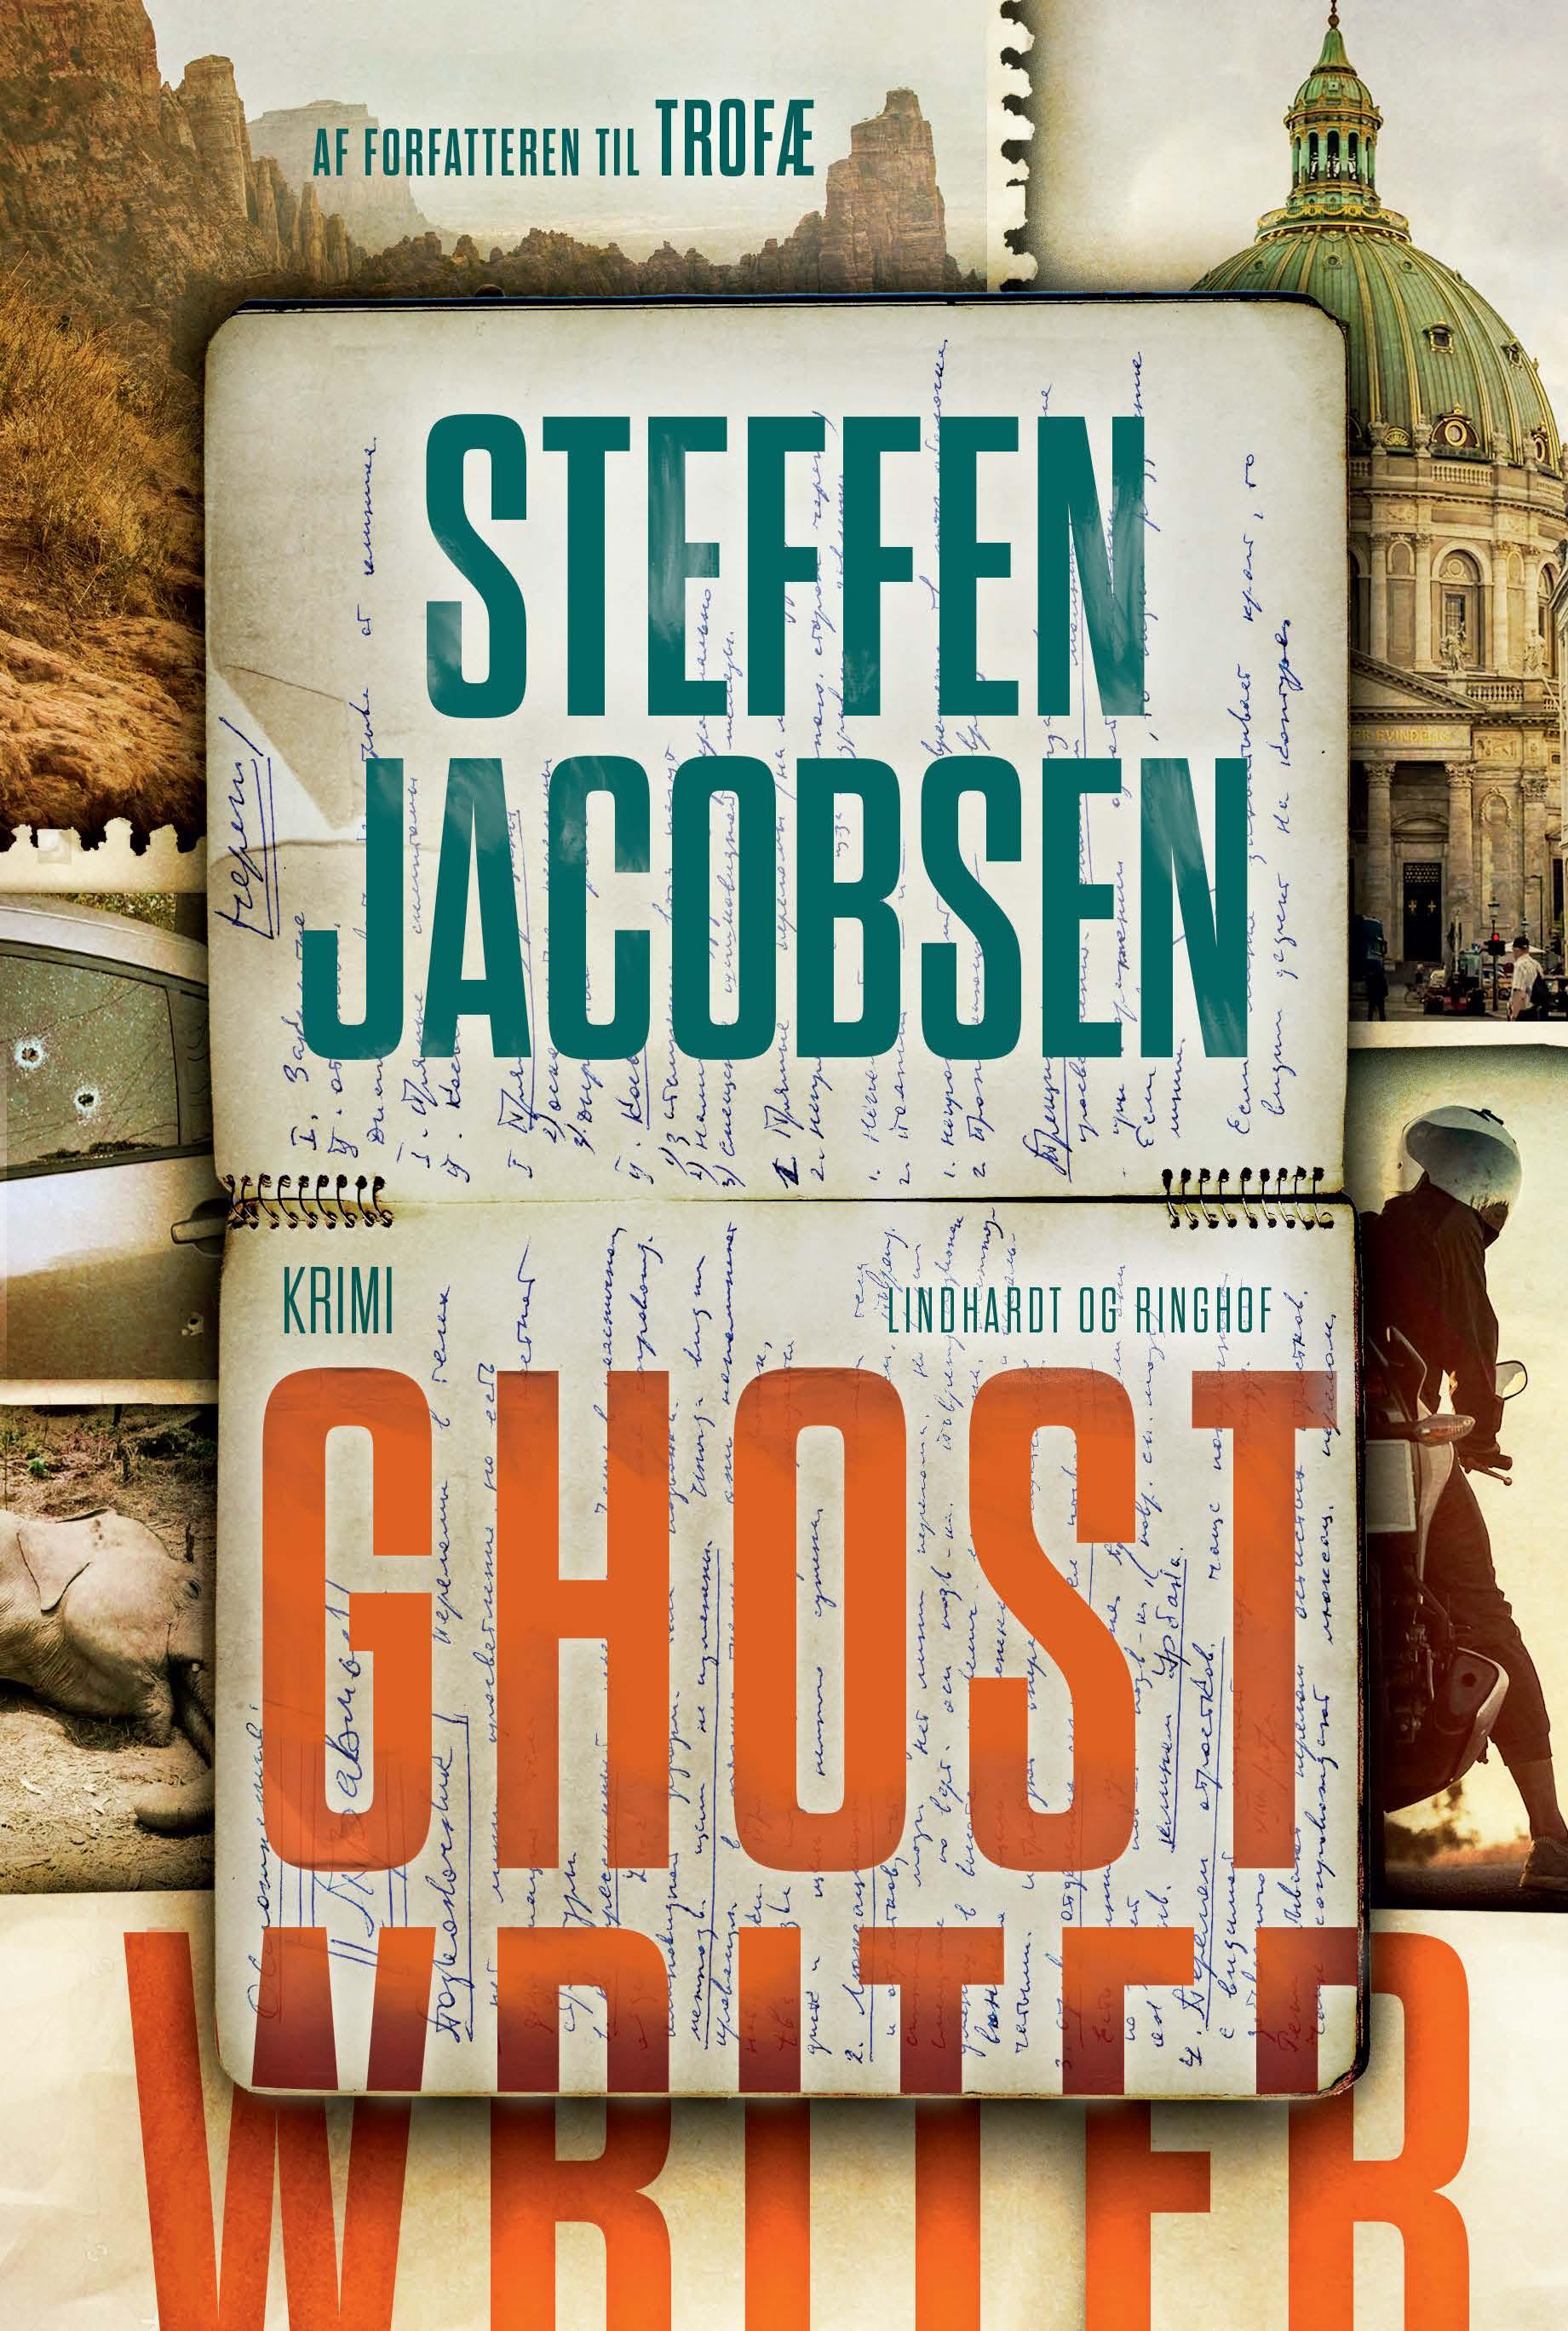 Ghostwriter, Steffen Jacobsen